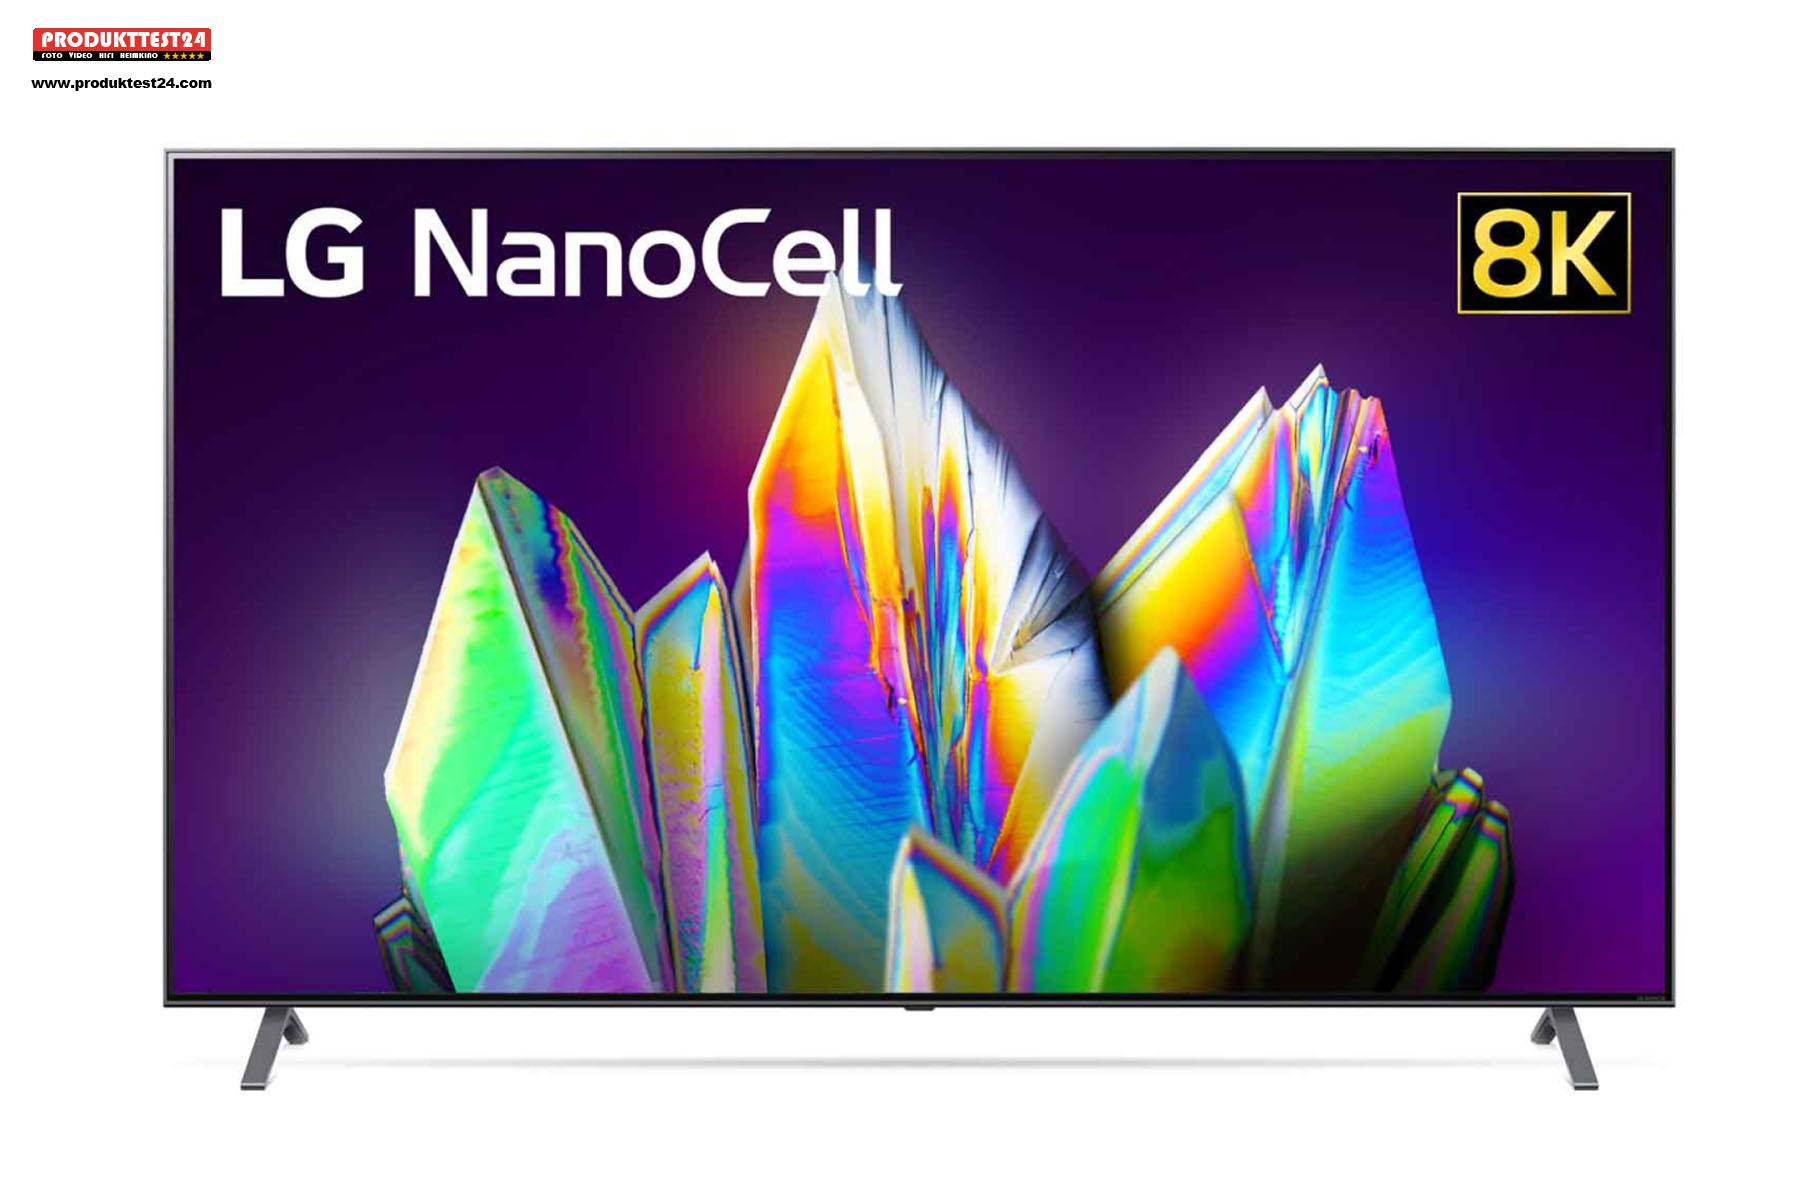 Preiswerter 8K-Fernseher mit einer 189 cm großen Bilddiagonalen.